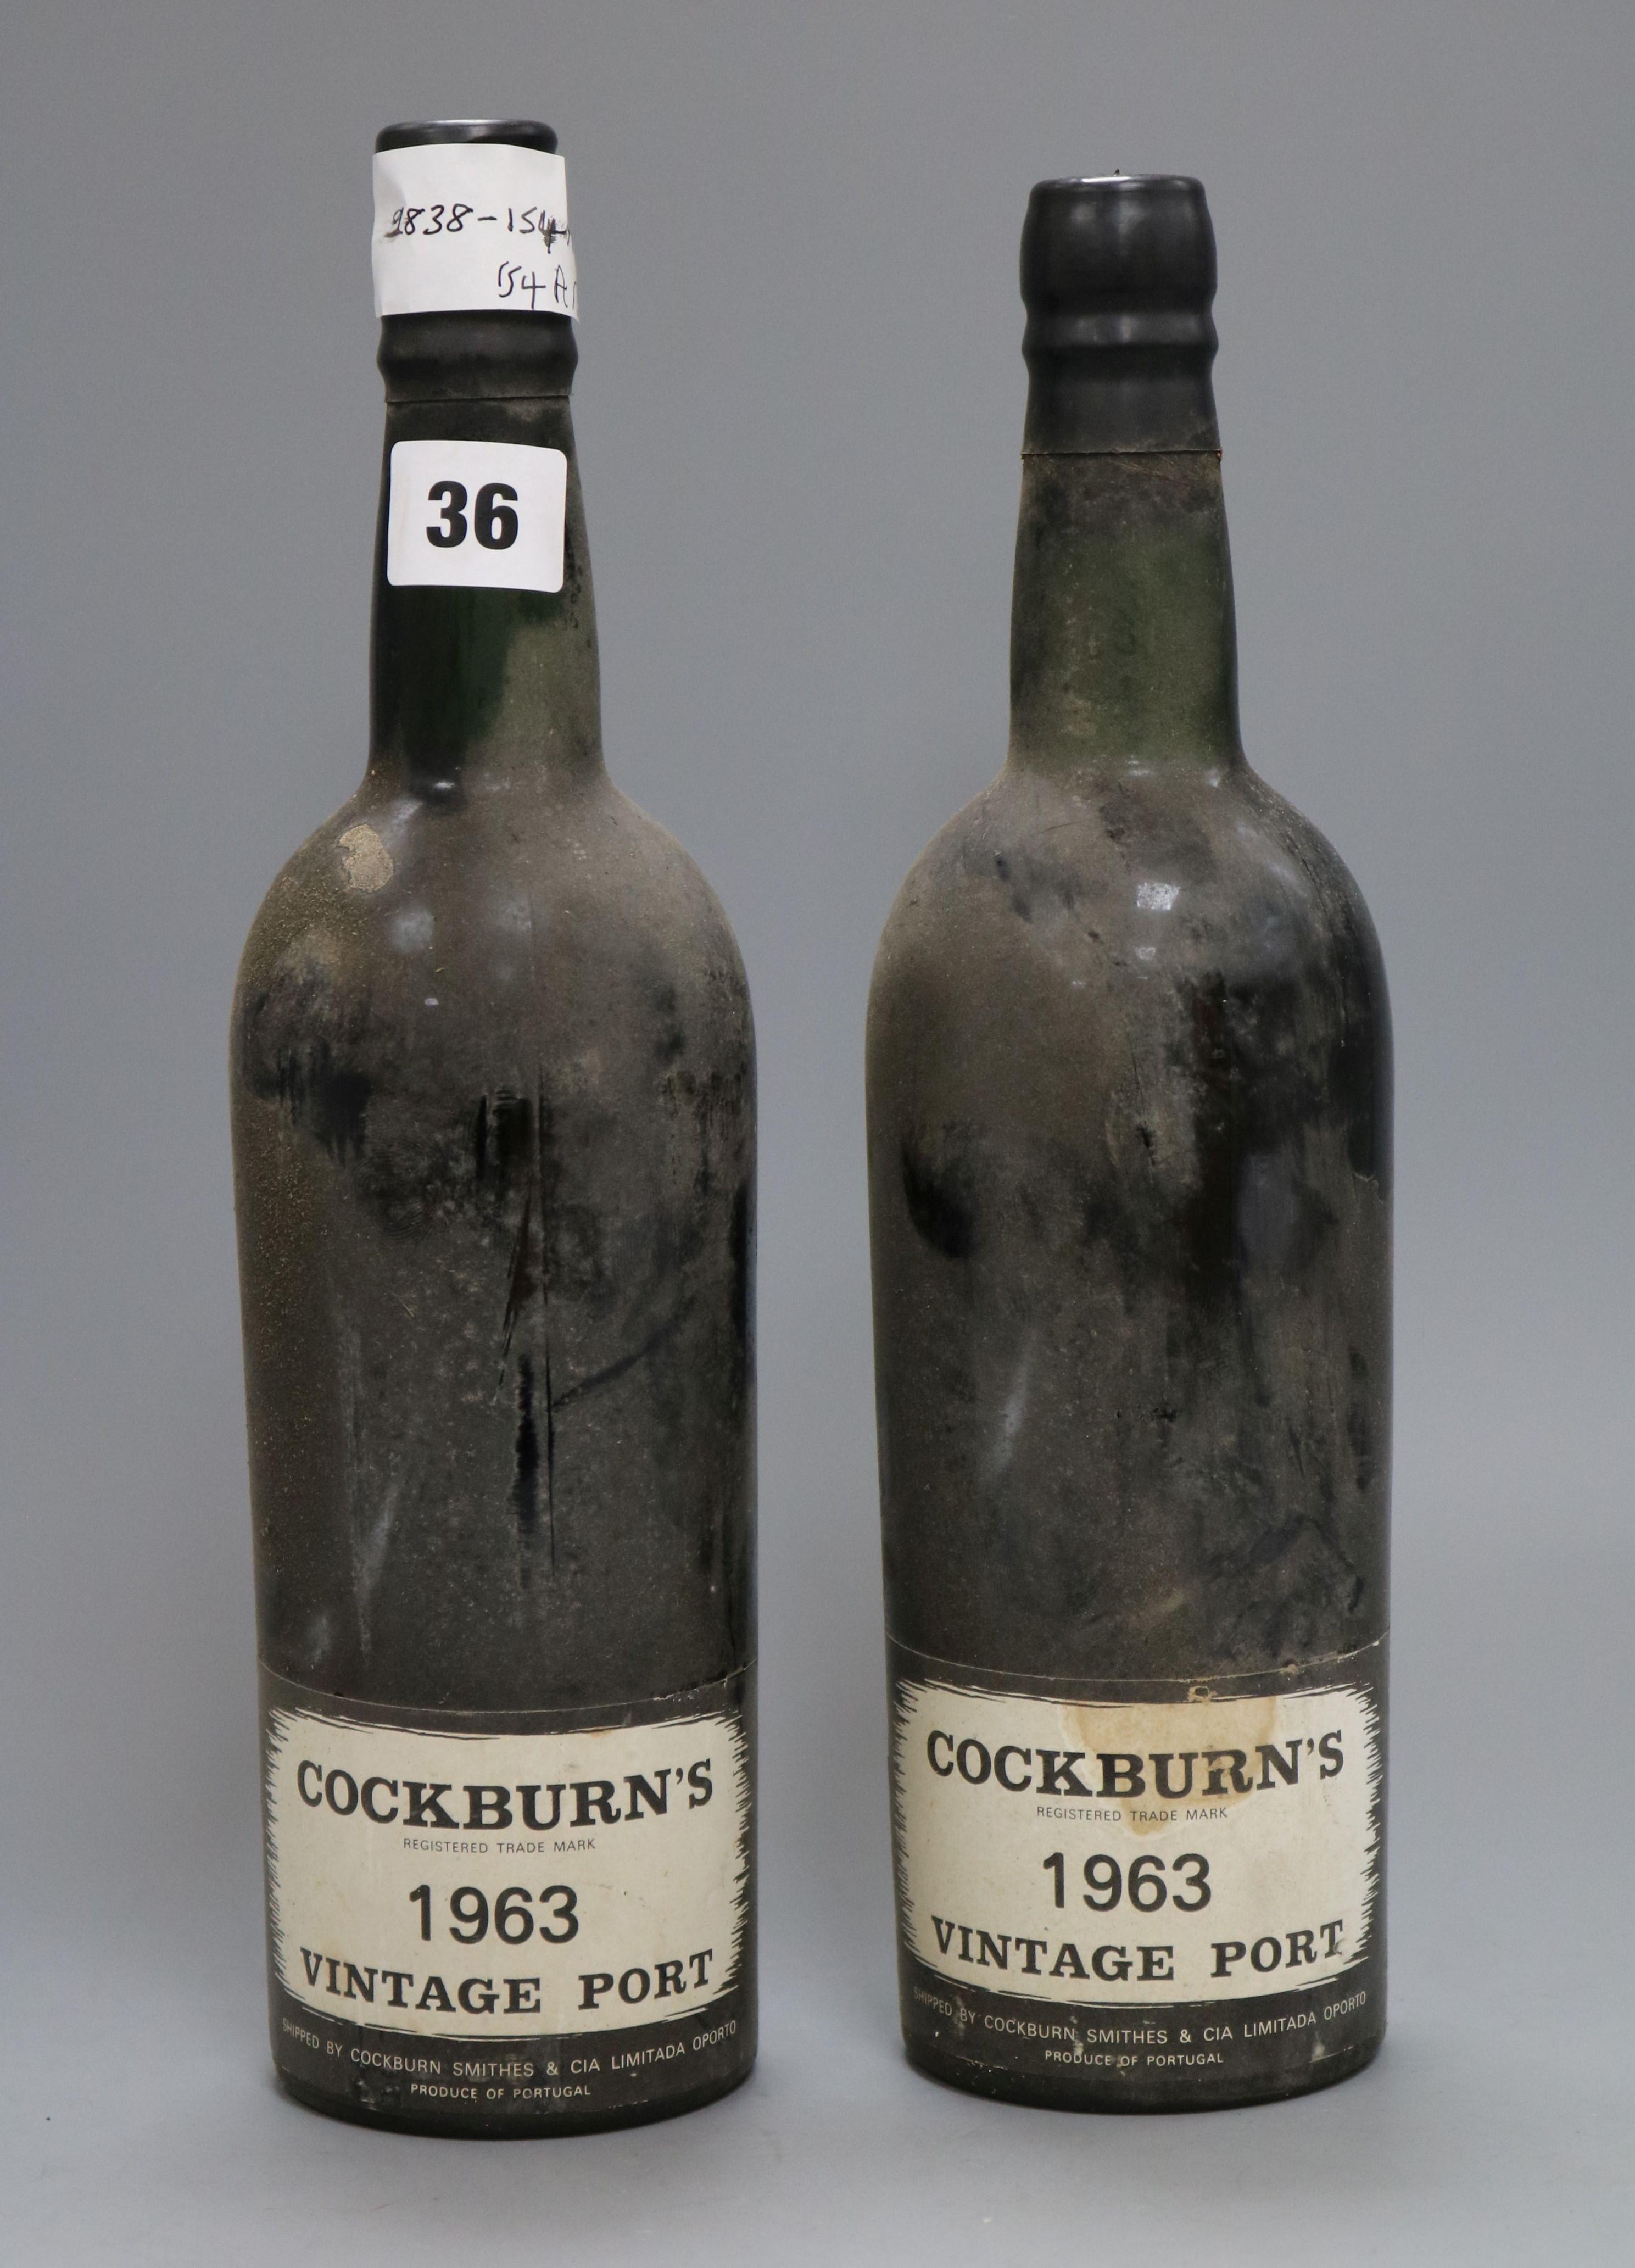 Lot 36 - Two bottles of 1963 Vintage Cockburns port